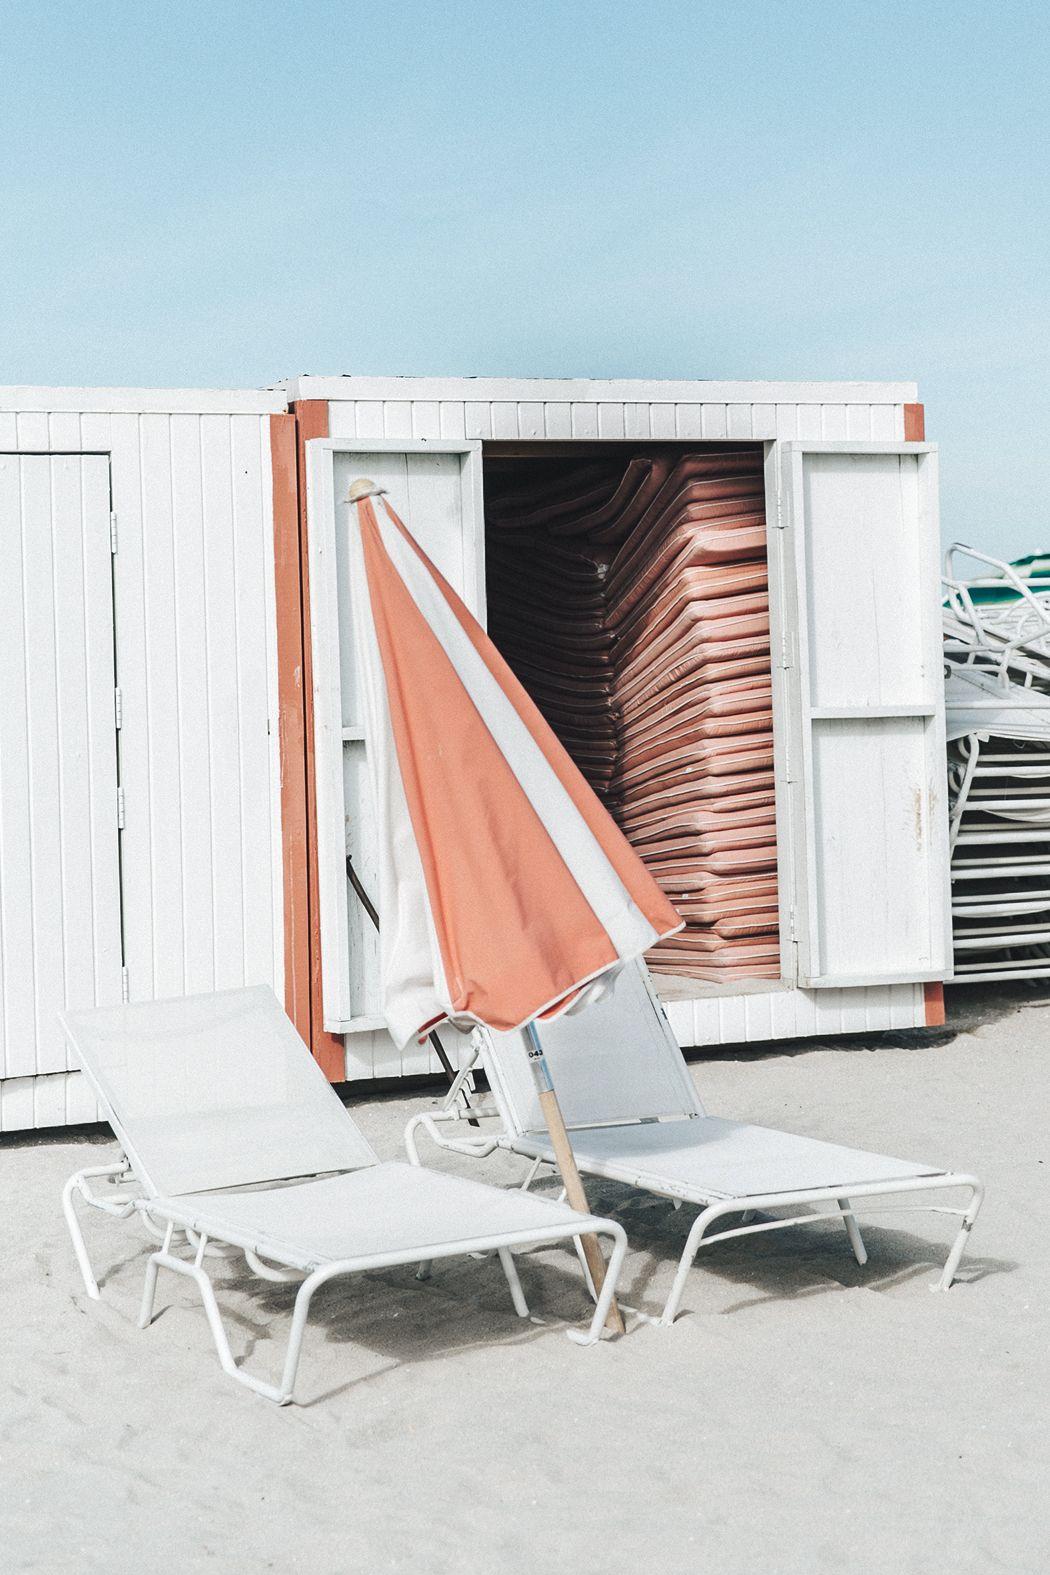 South Beach Miami South Beach Florida Pastel Beach South Beach